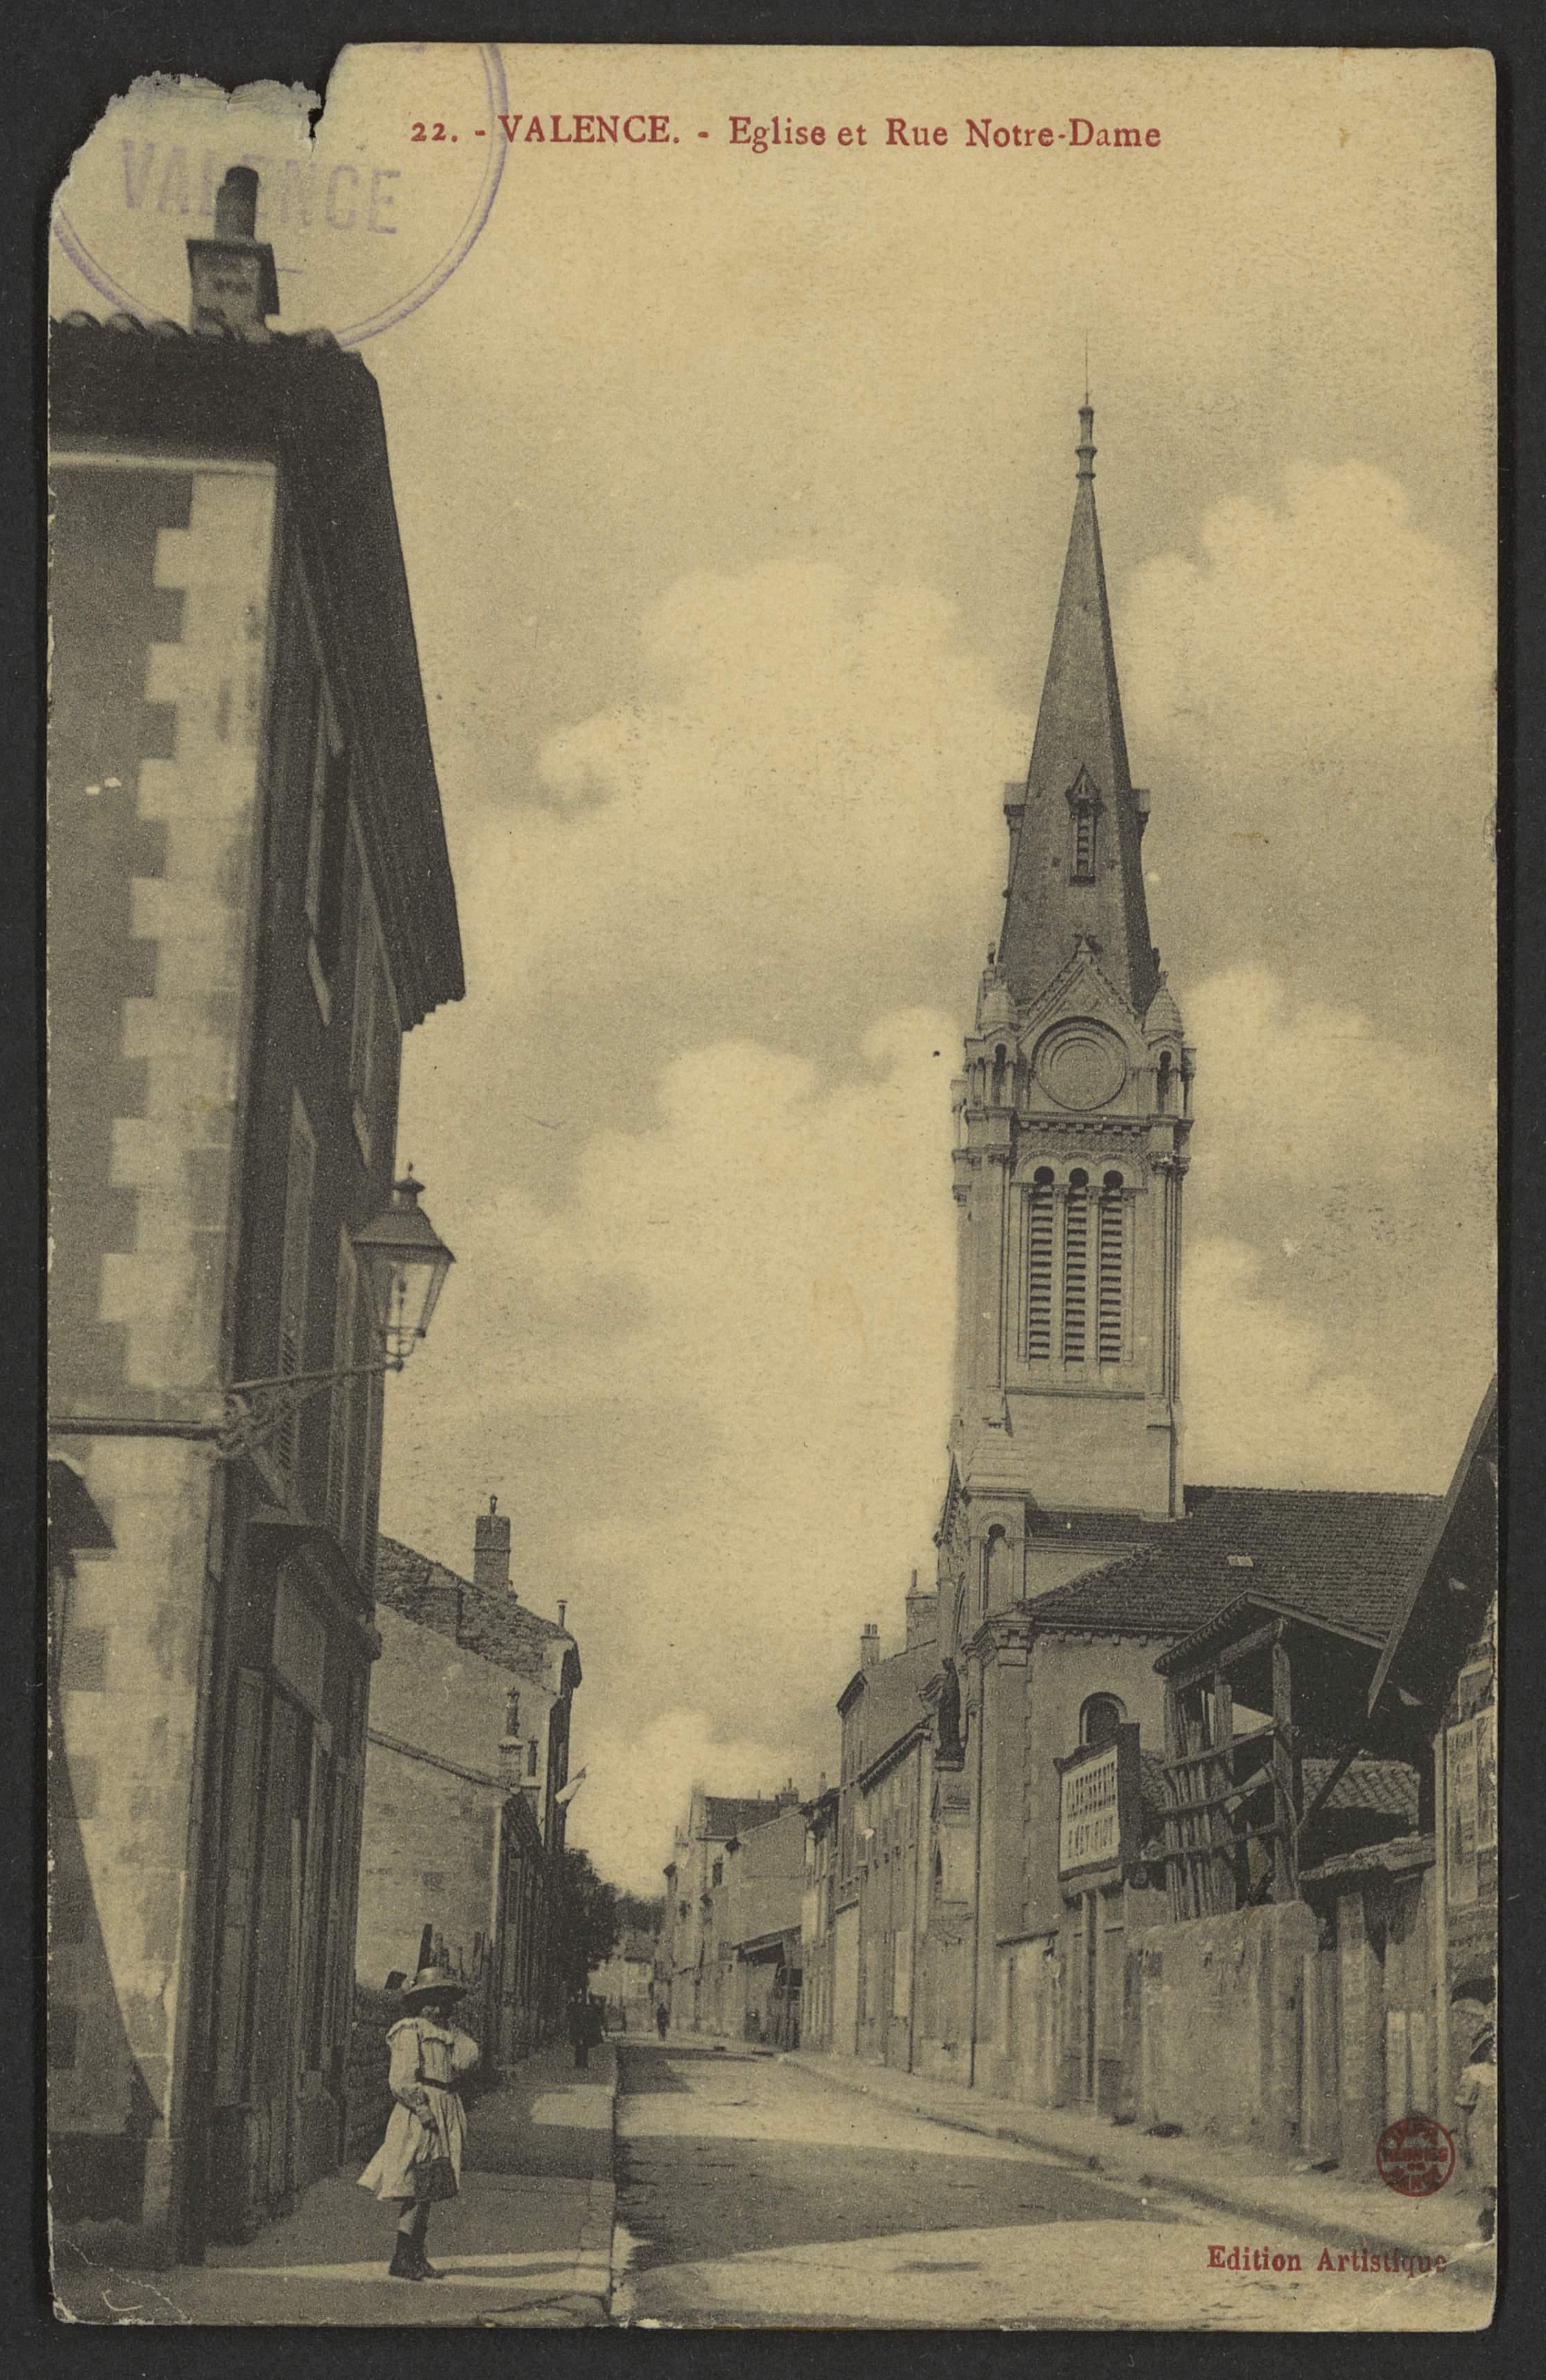 Valence - Eglise et Rue Notre-Dame